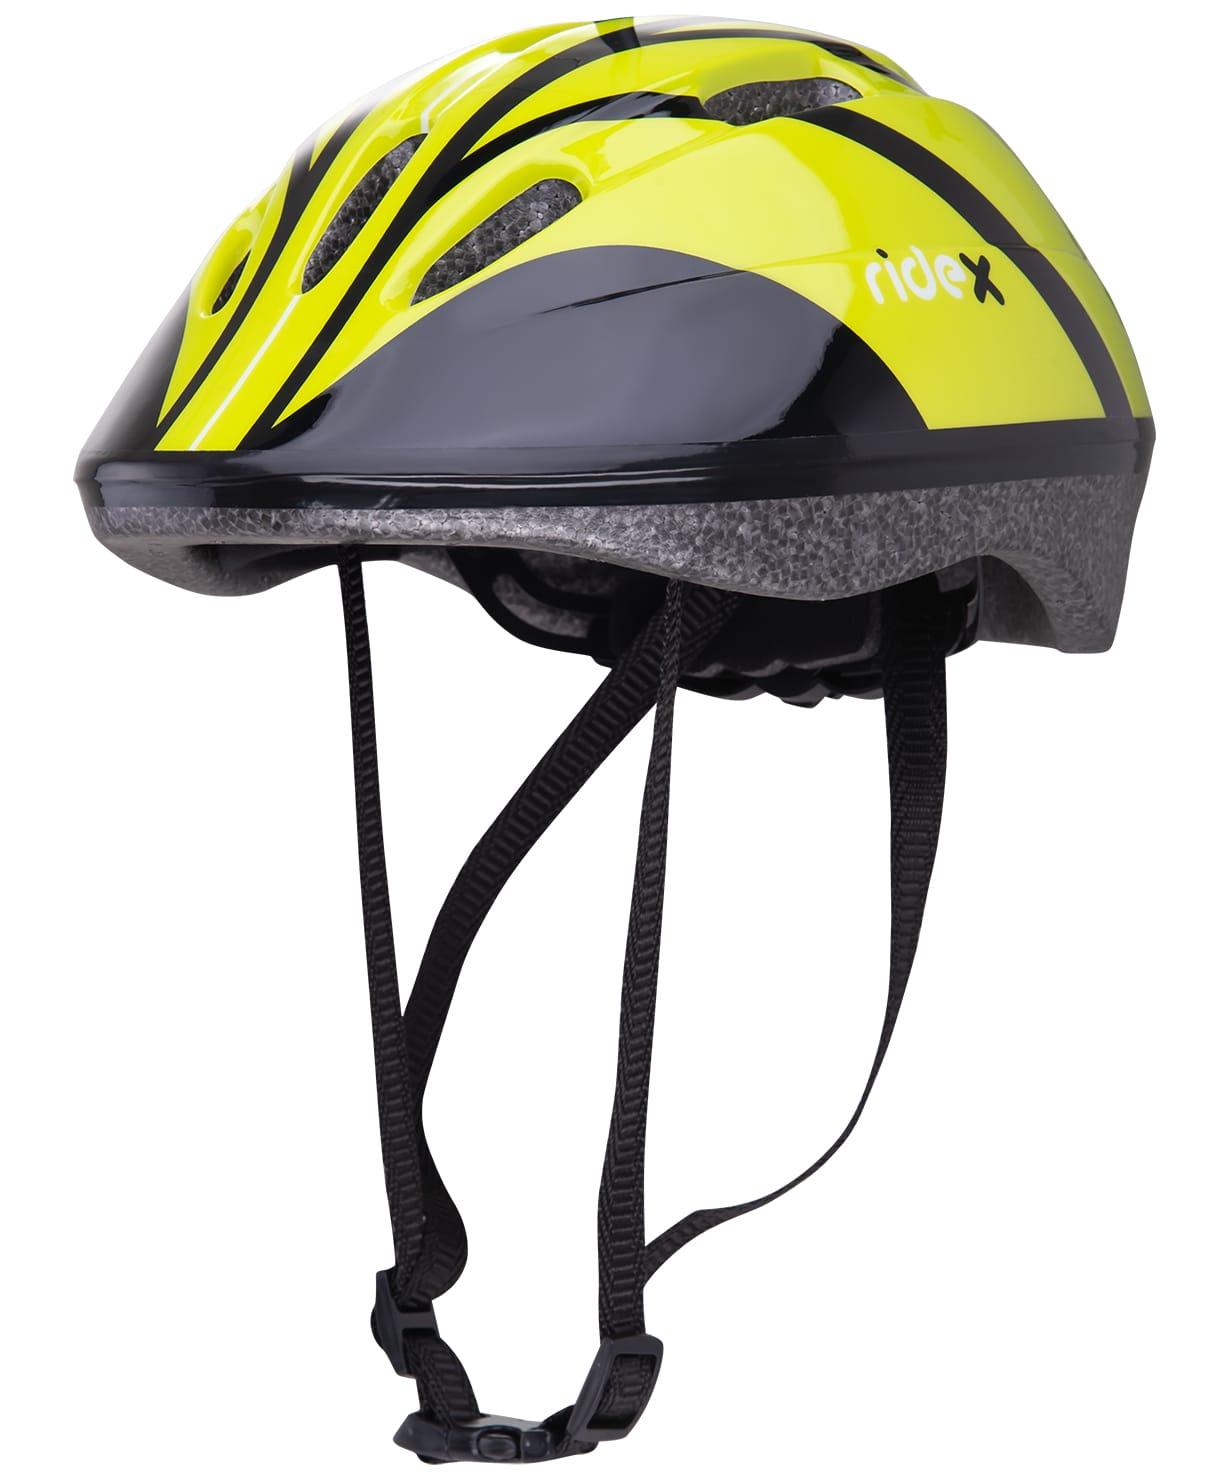 Шлем защитный Ridex Rapid, зеленый шлем ridex ут 00008189 cyclone синий чёрный